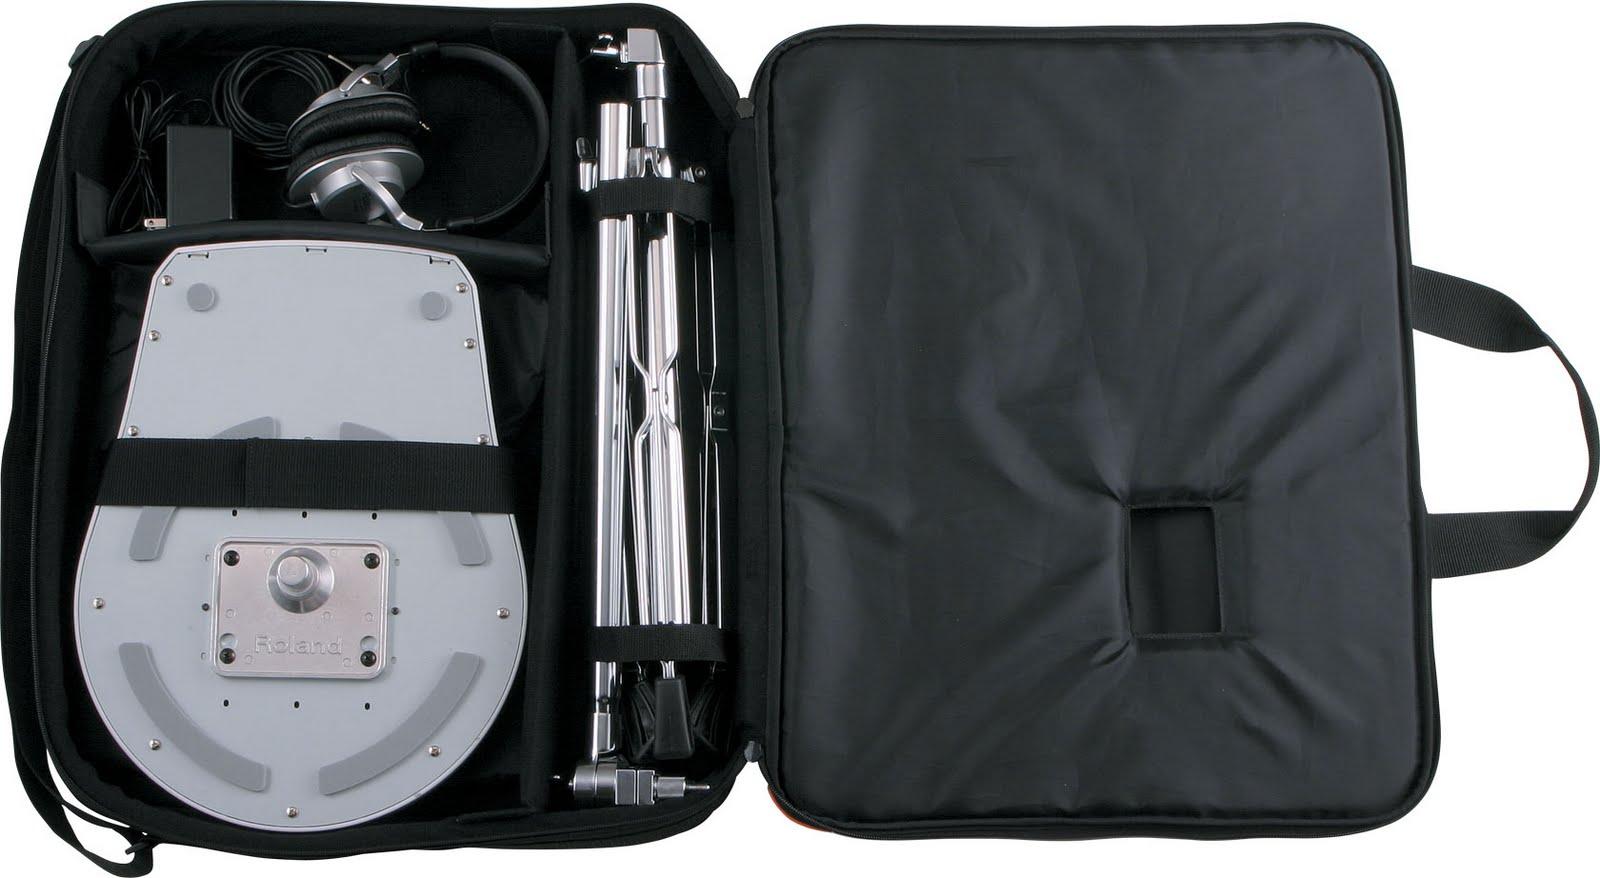 Gig Bag For Roland Hpd Spd Series Find Your Drum Set